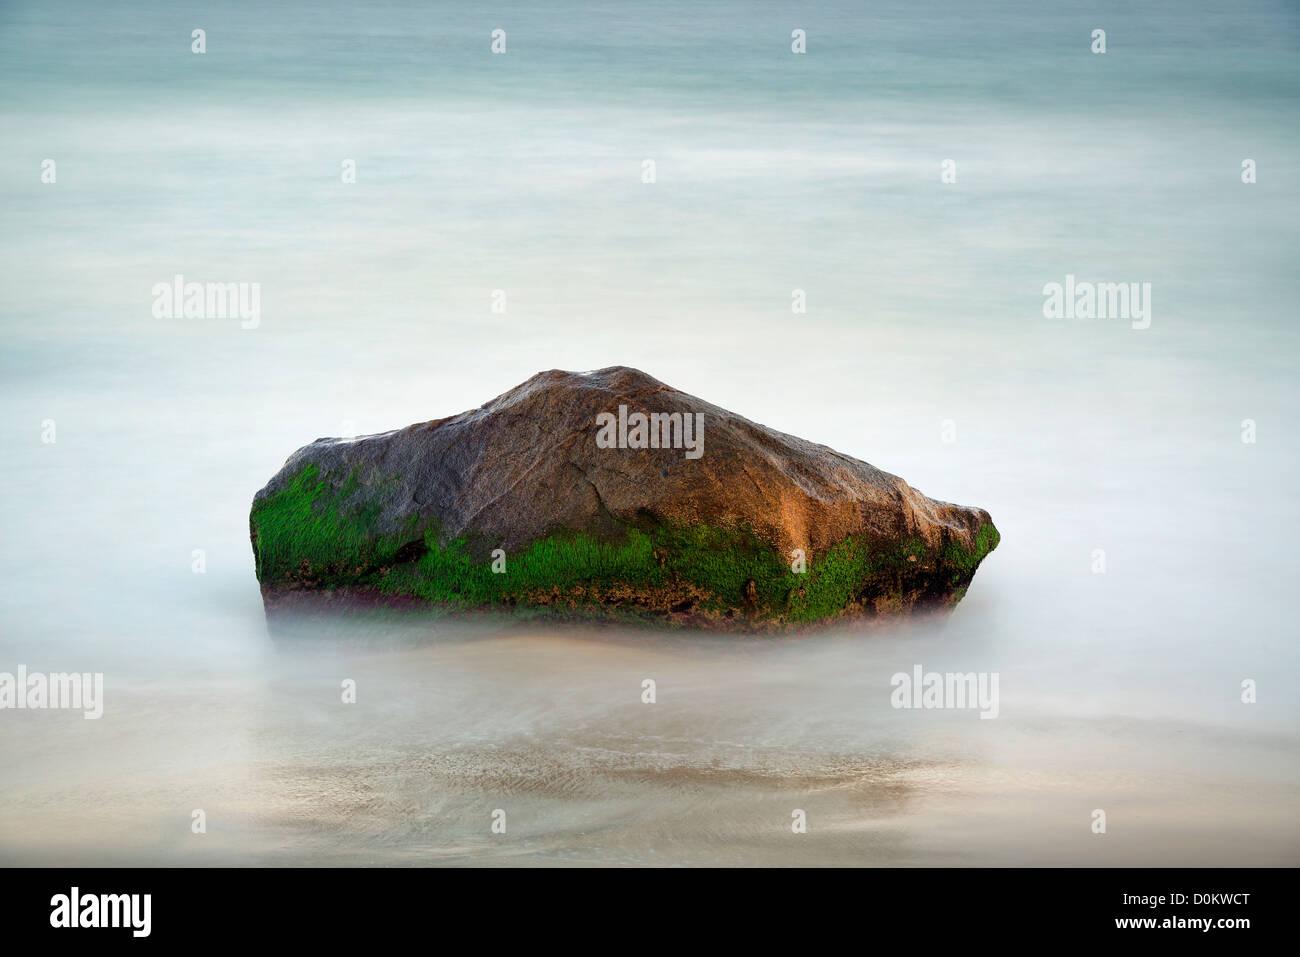 Rock con el desplazamiento de agua del océano. Foto de stock